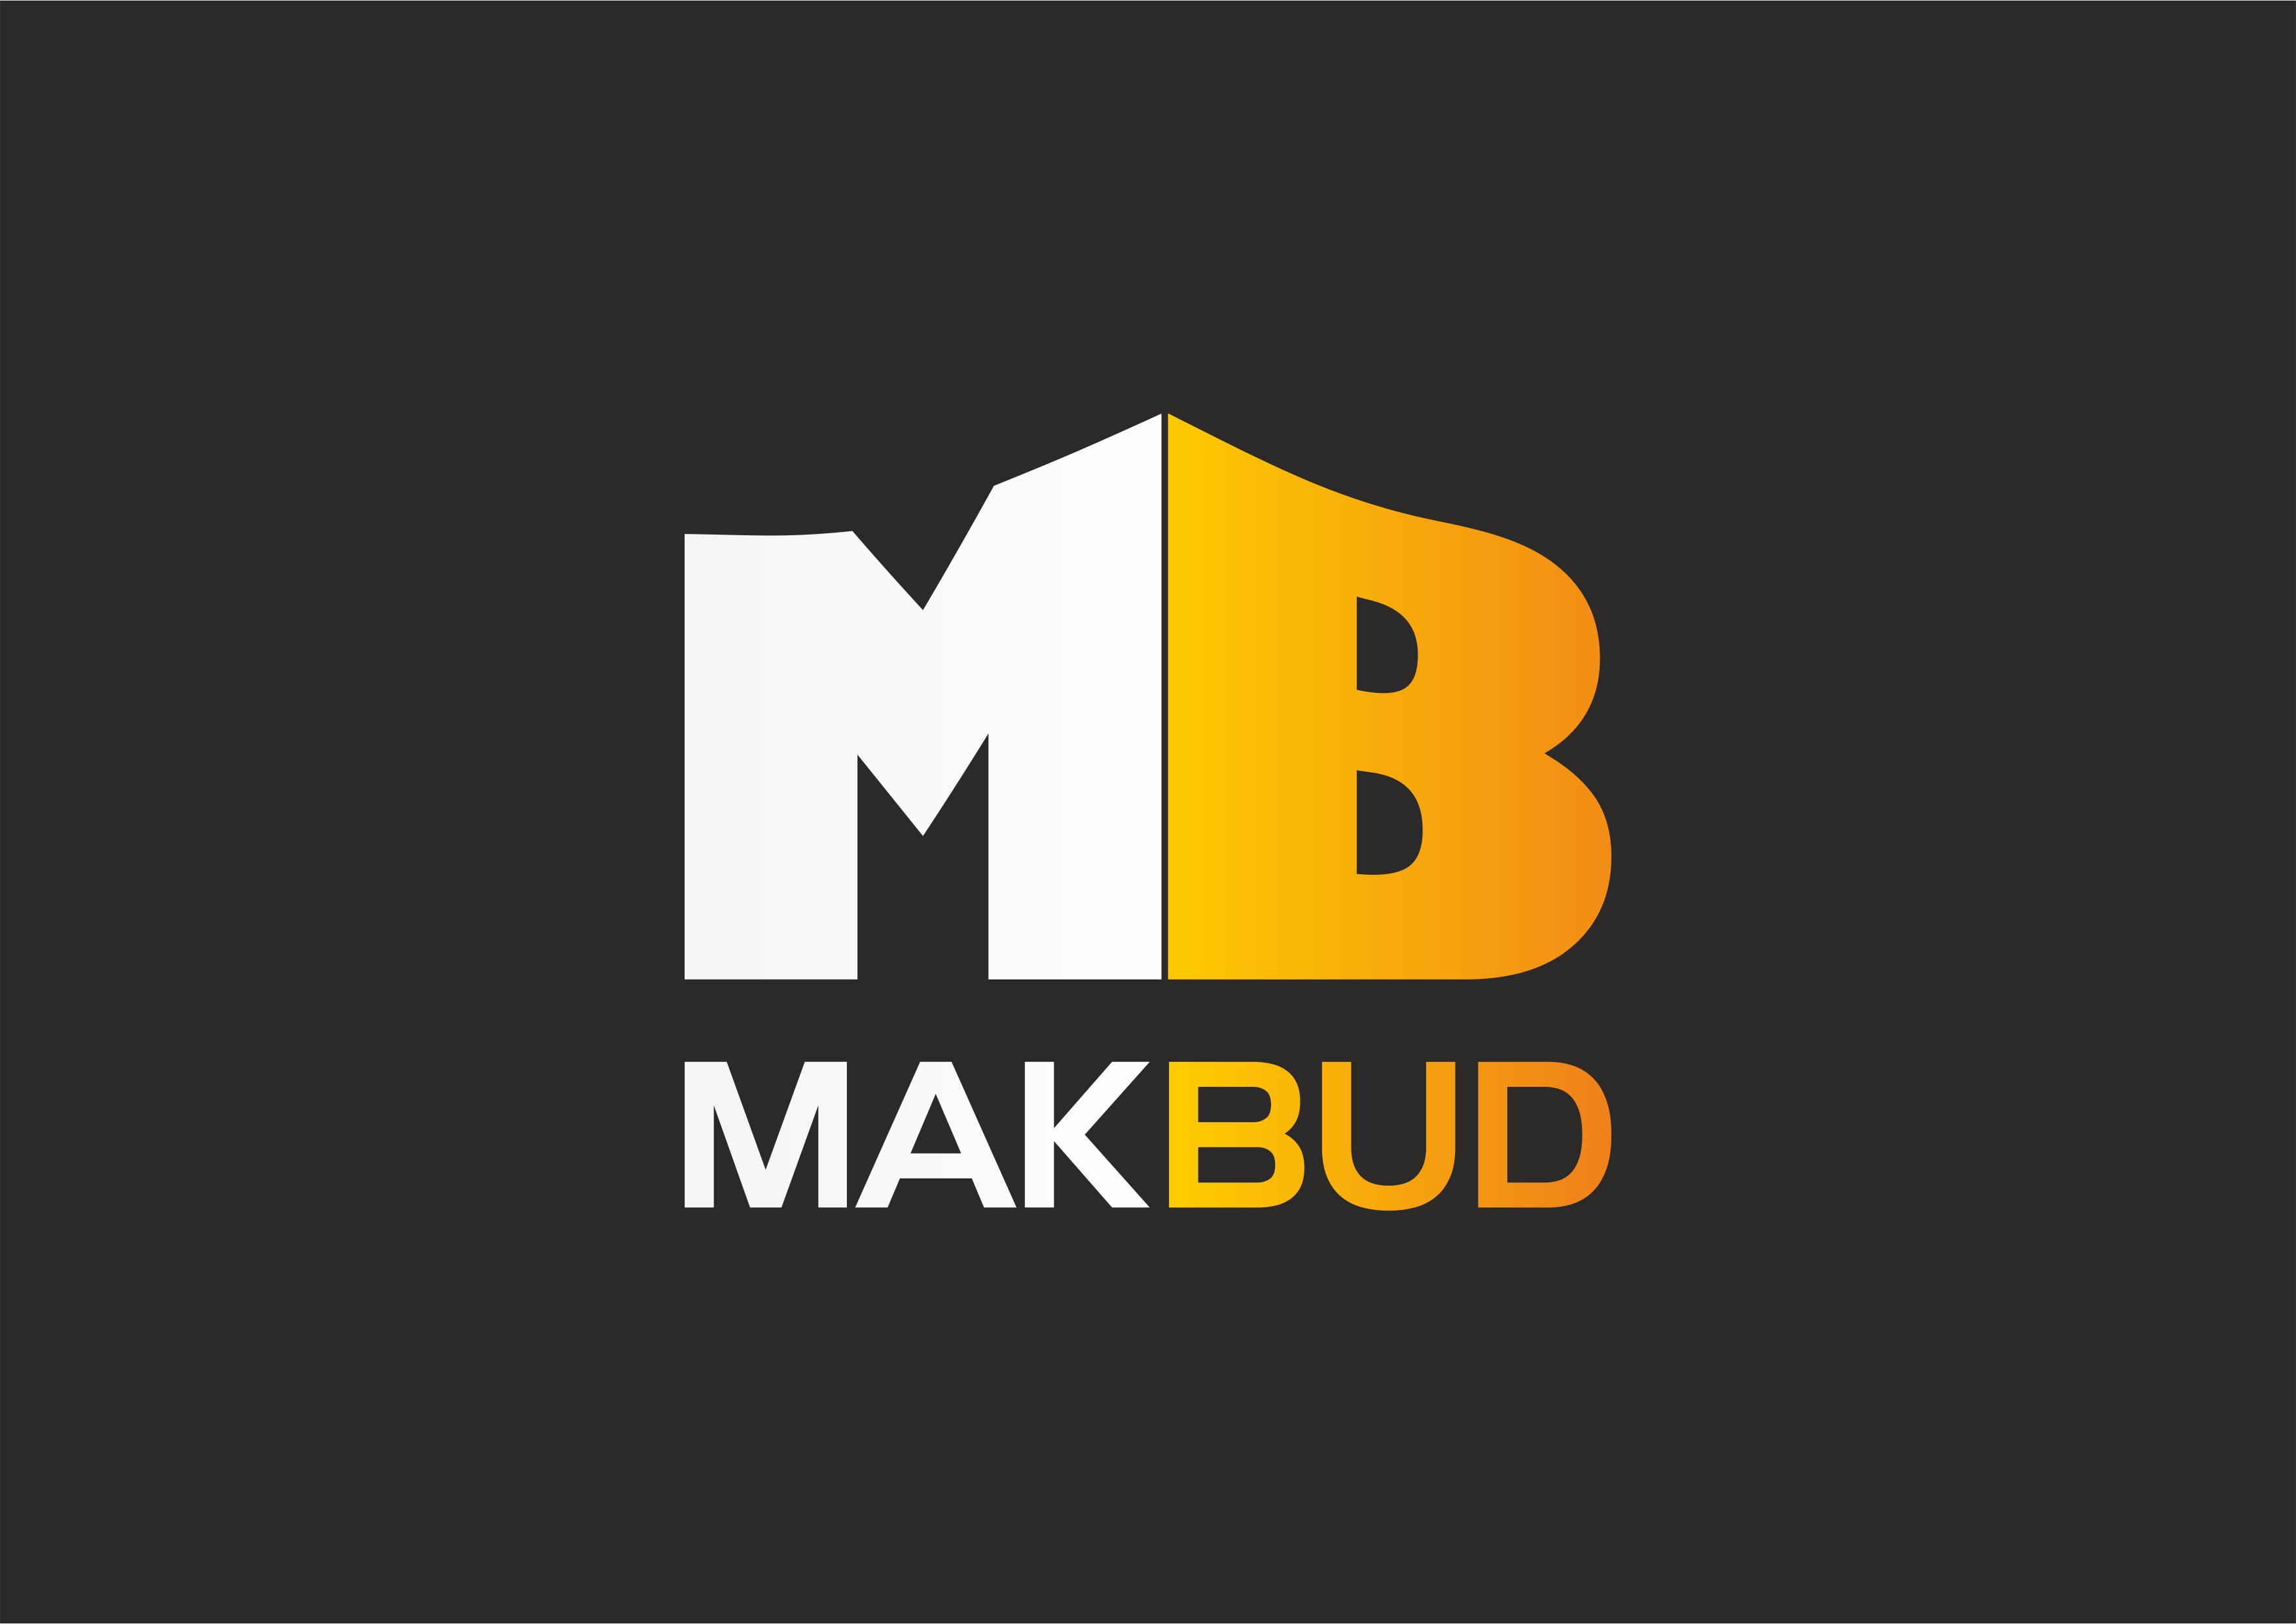 MAK BUD